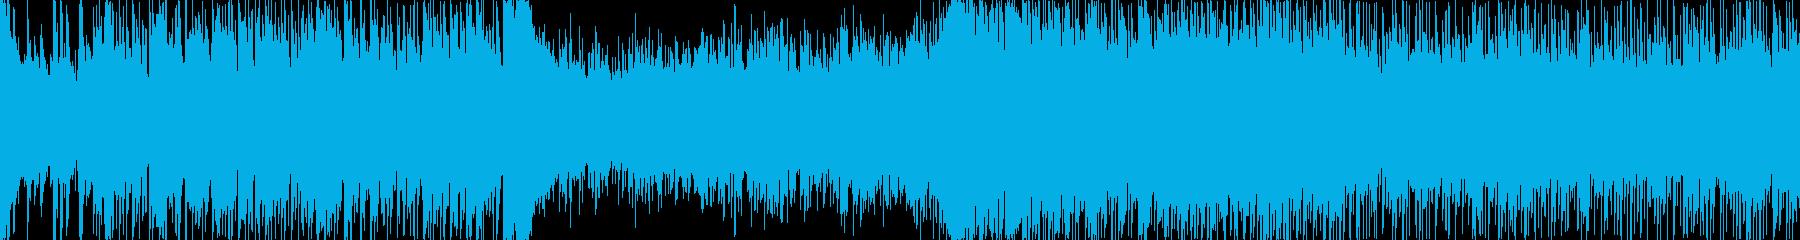 【ループ対応】ボスバトルBGM【アプリ】の再生済みの波形